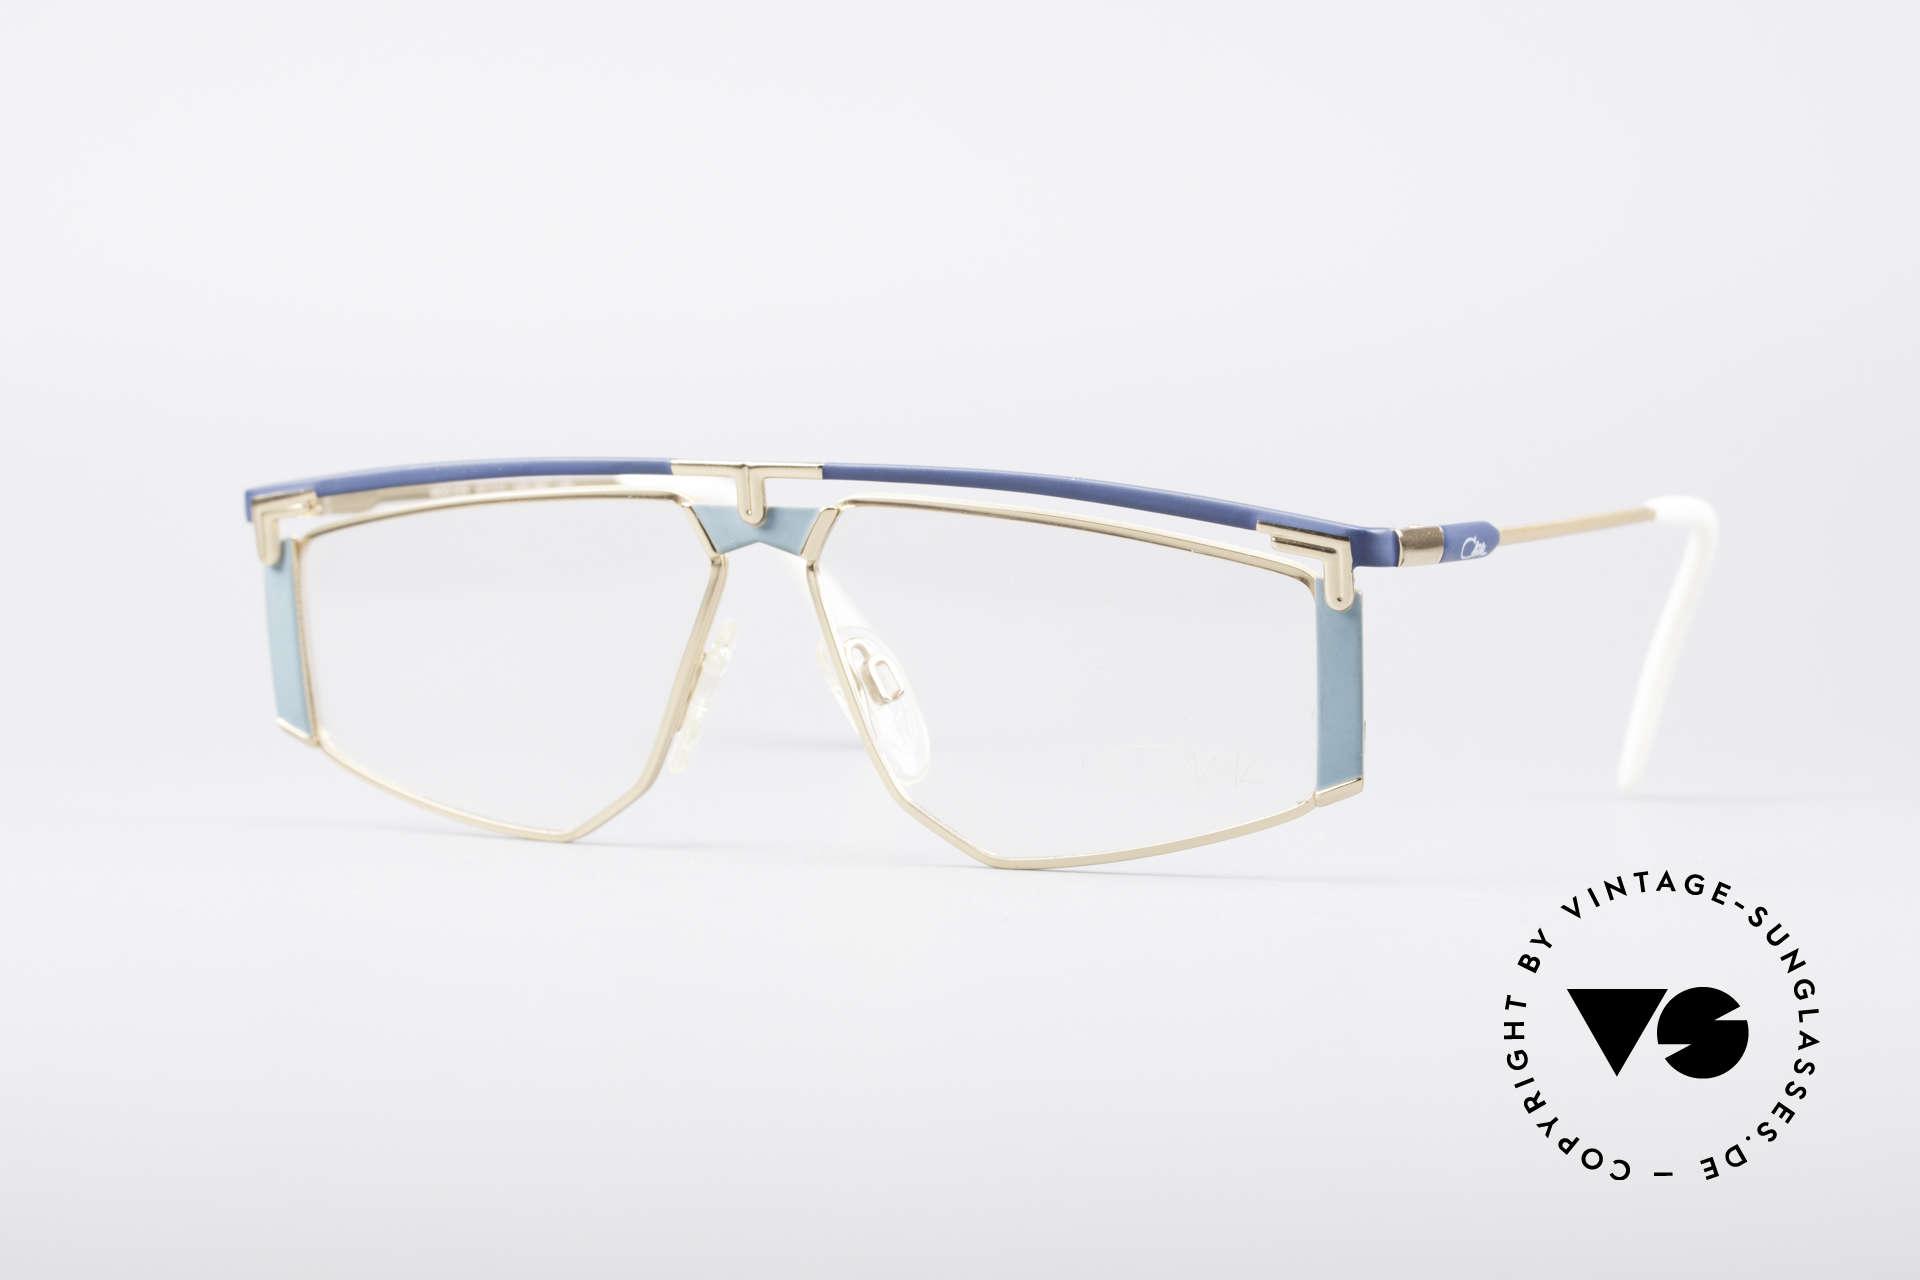 Cazal 235 Titanium Vintage 80er Cazal, vintage Cazal Titanium Brillenfassung von circa 1988, Passend für Herren und Damen